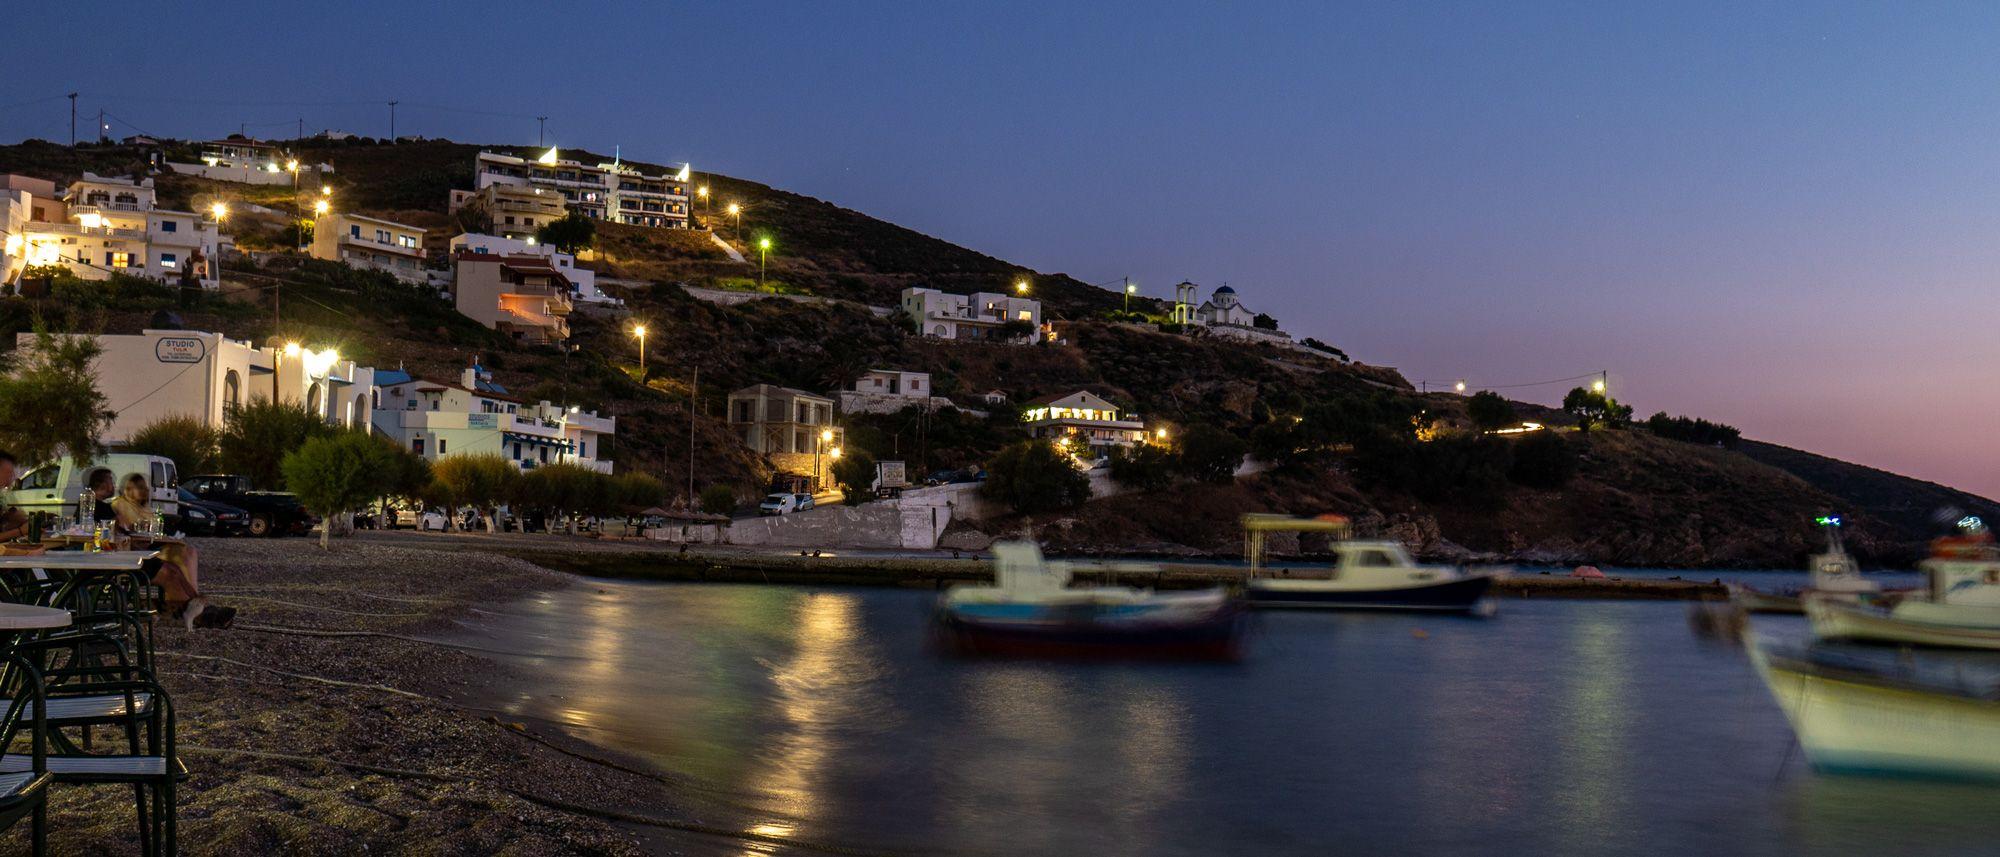 Fourni, Dodécanèse, Grèce - ©2019 Vincent Corlaix